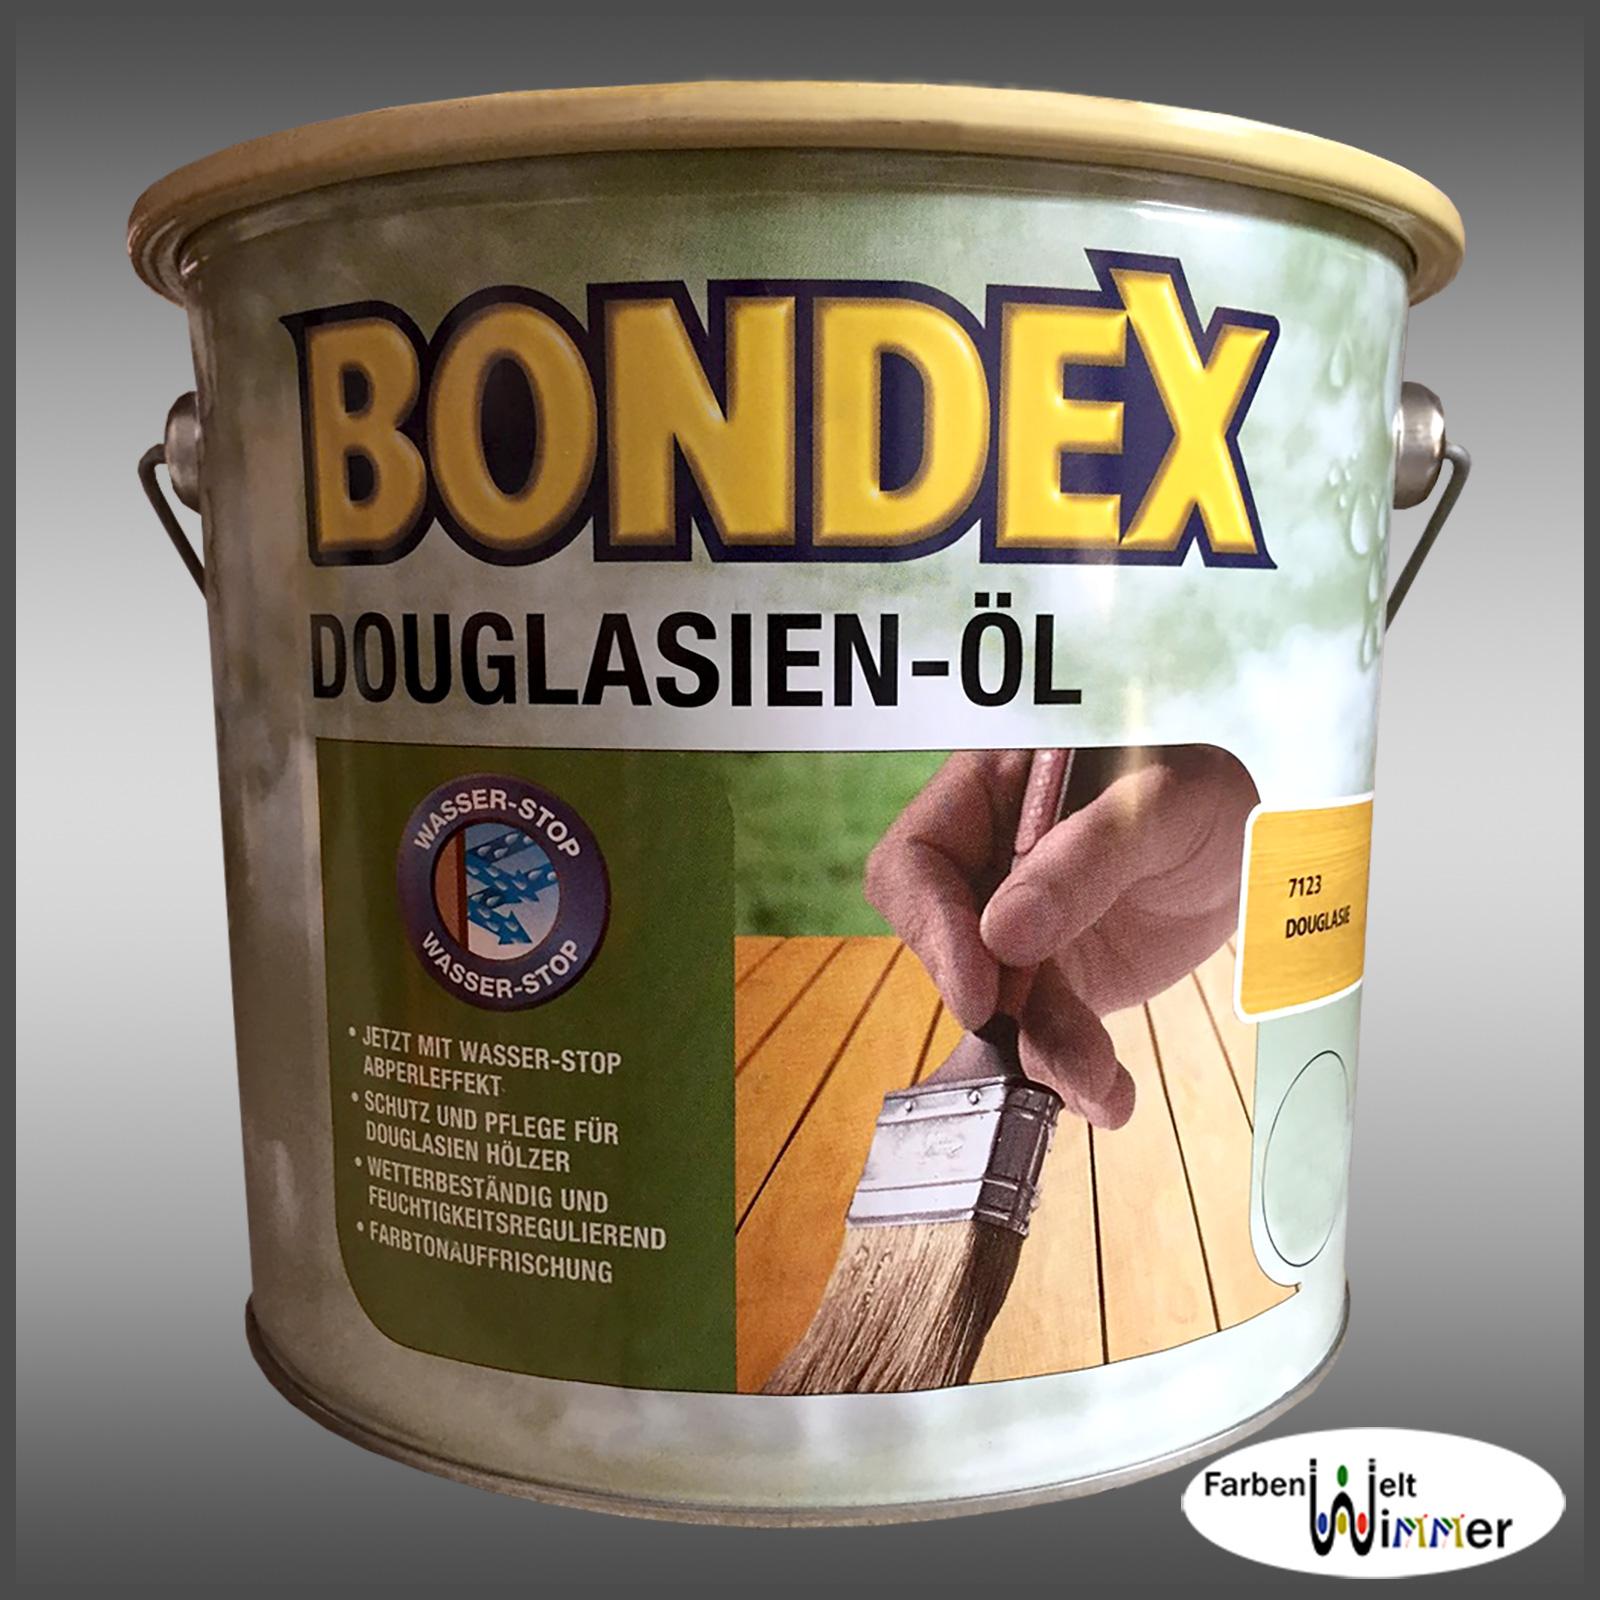 farbenwelt wimmer bondex douglasien l 2 5l 7123 douglasie. Black Bedroom Furniture Sets. Home Design Ideas